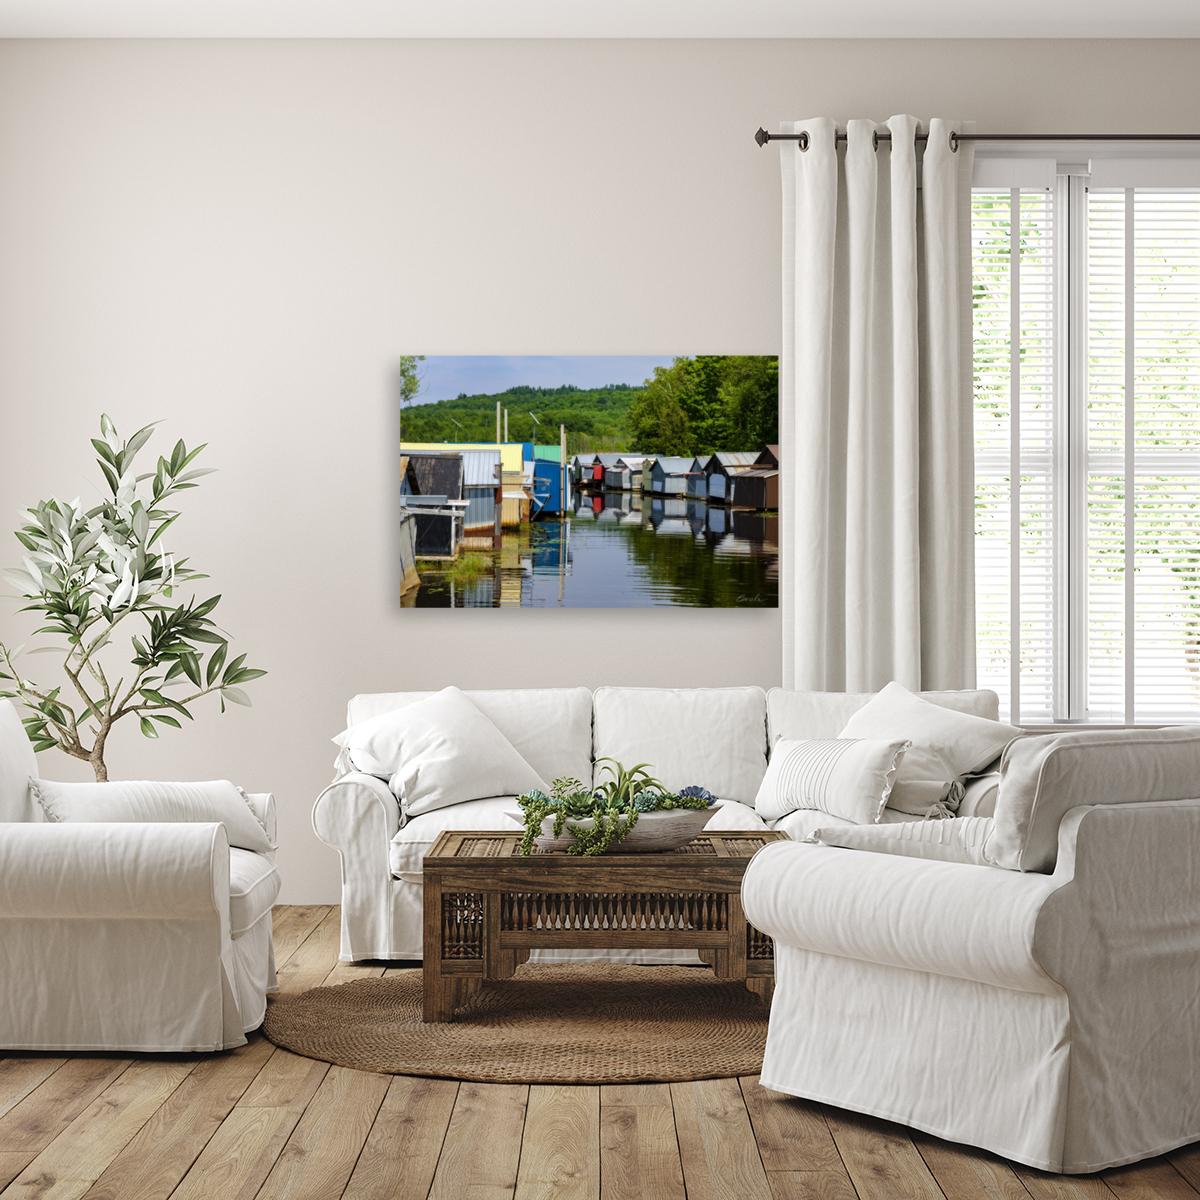 Hangars    bateaux - Boathouses  Art